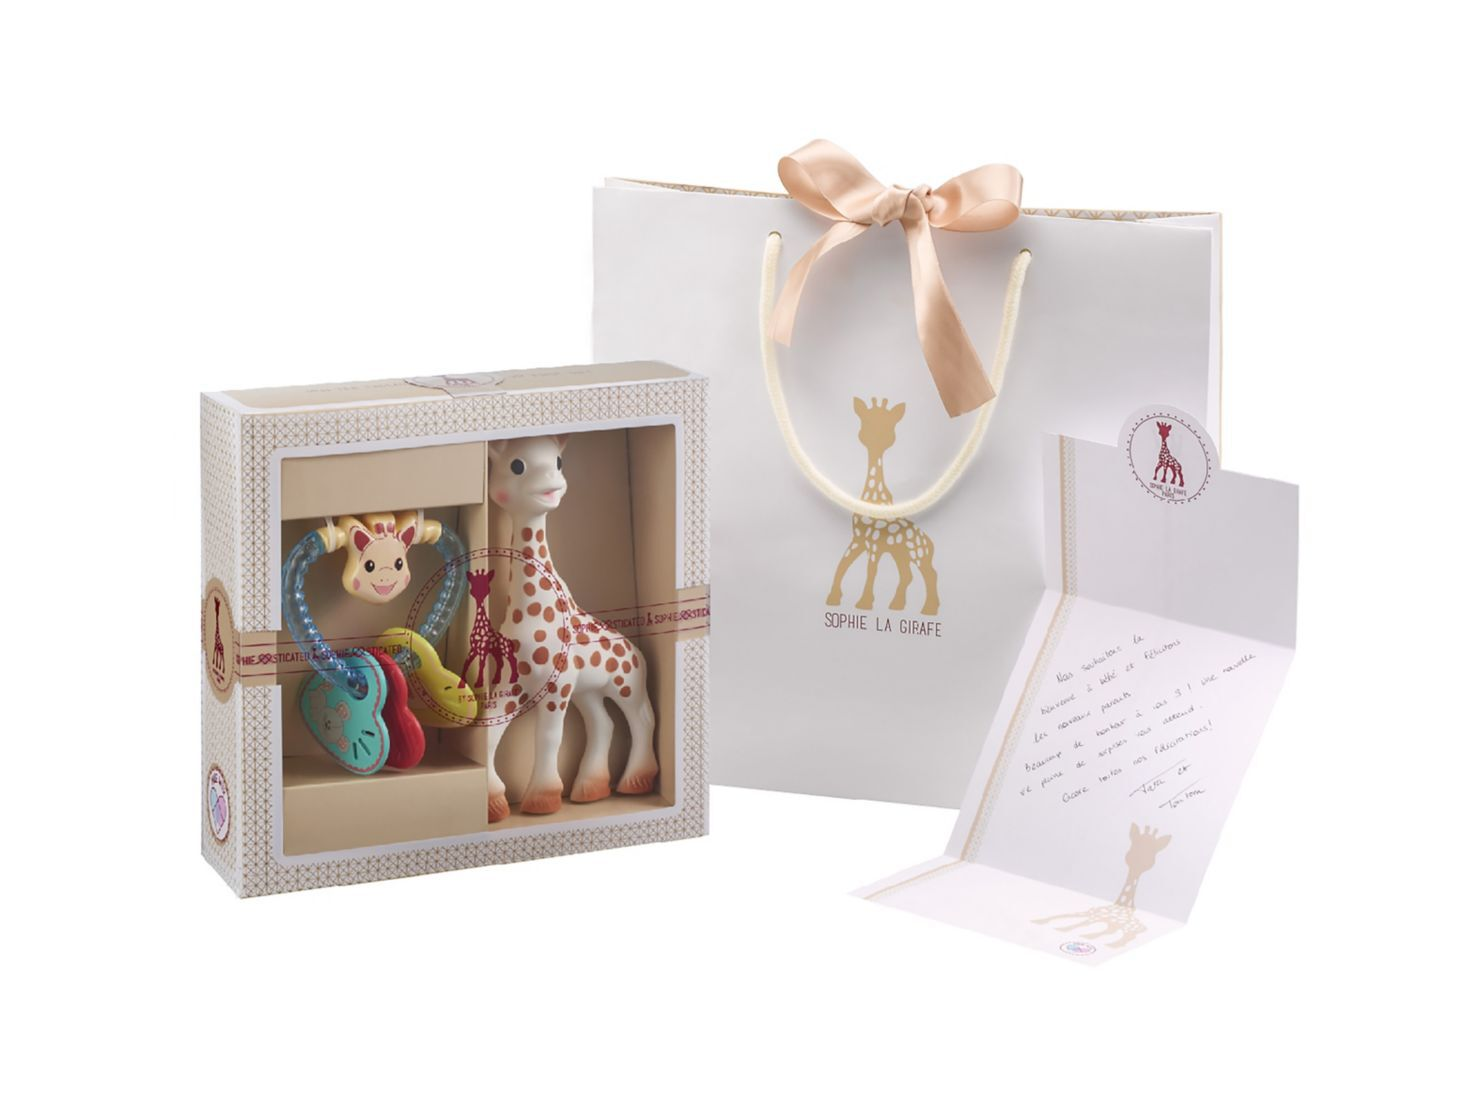 La Girafe Set JirafaCascabel Tarjeta En Regalo Sophie Juguetes H9IEYDW2